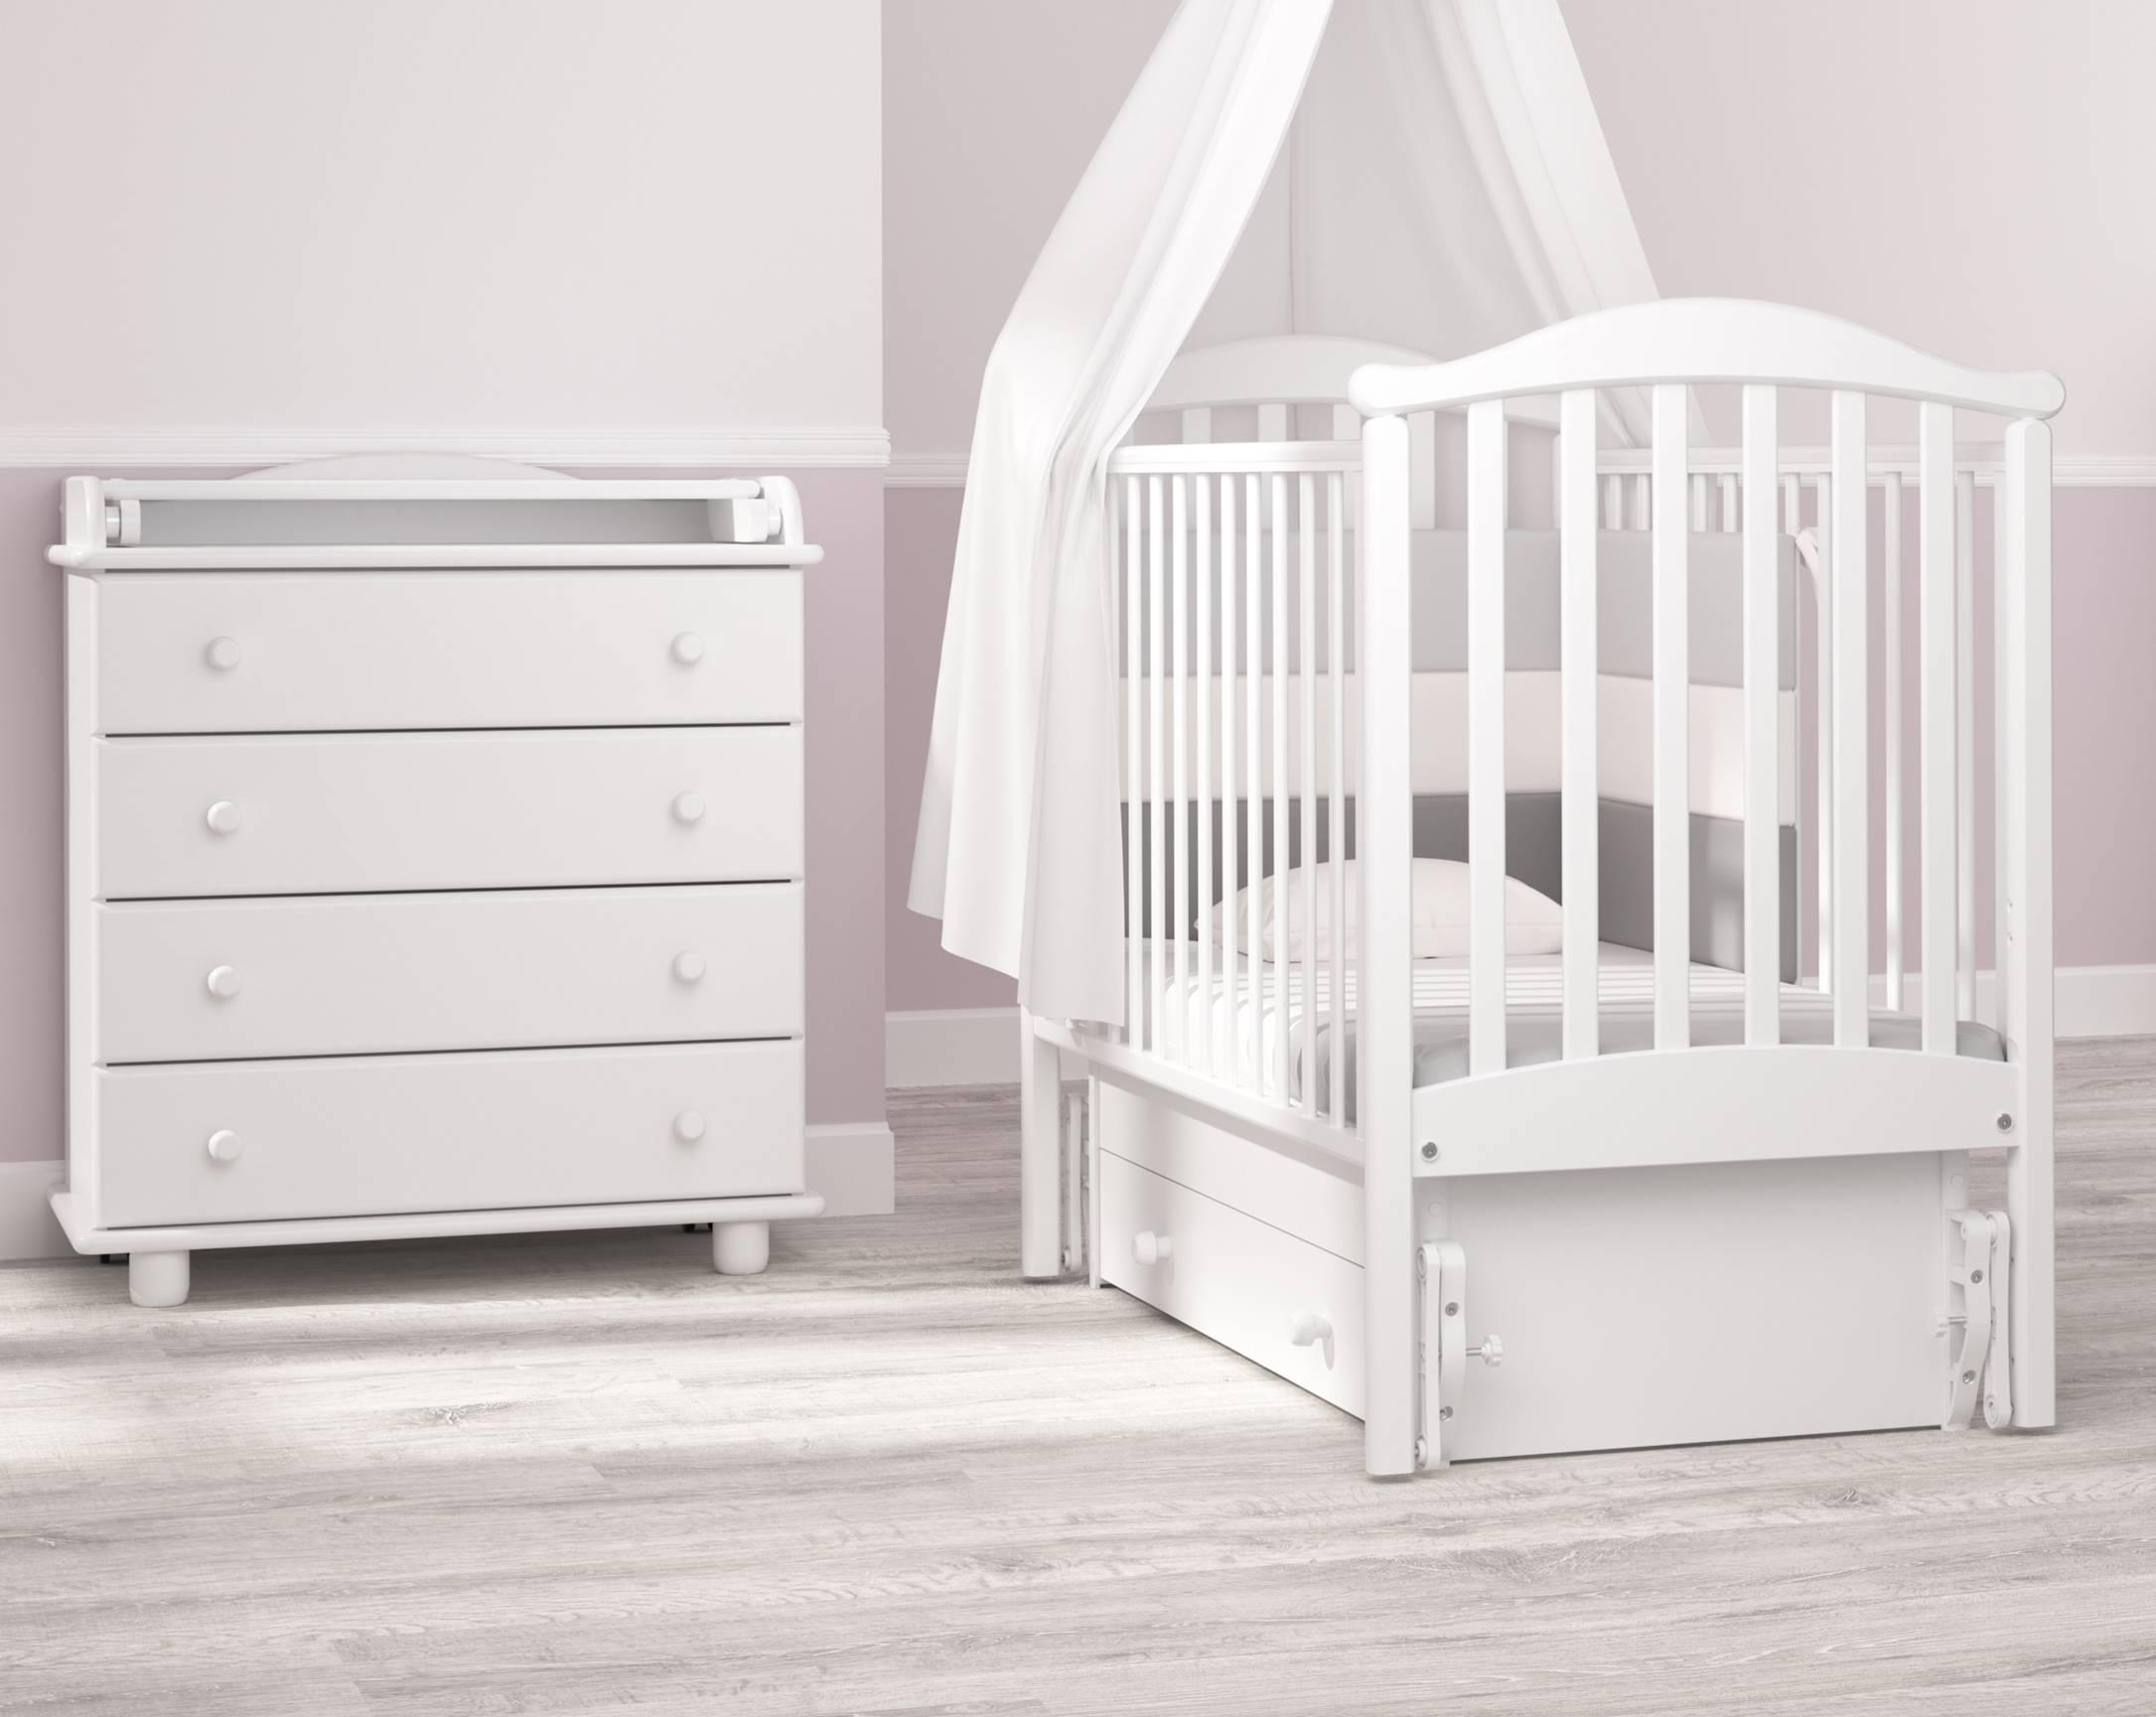 Детская кровать-машина: как правильно выбрать кровать в виде машины для ребёнка, как правильно выбрать кровать-автомобиль, фото, цены